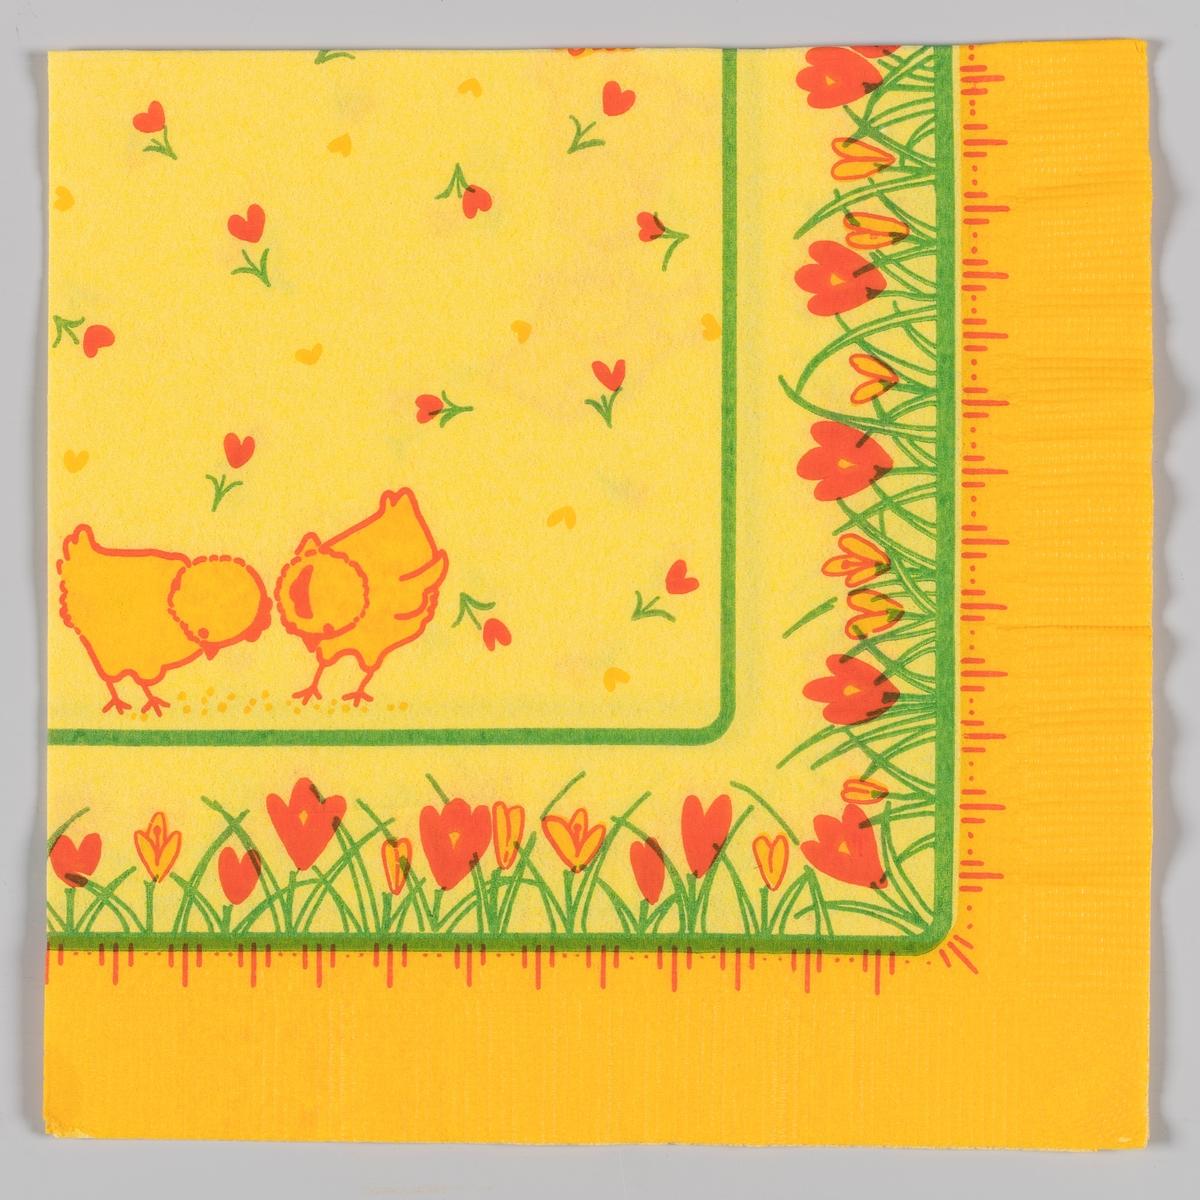 To påskekyllinger, gule hjerter og røde hjerteformede blomster. Grønne kantstriper. Gule og røde krokus langs kanten. Stripe og prikkemønster.